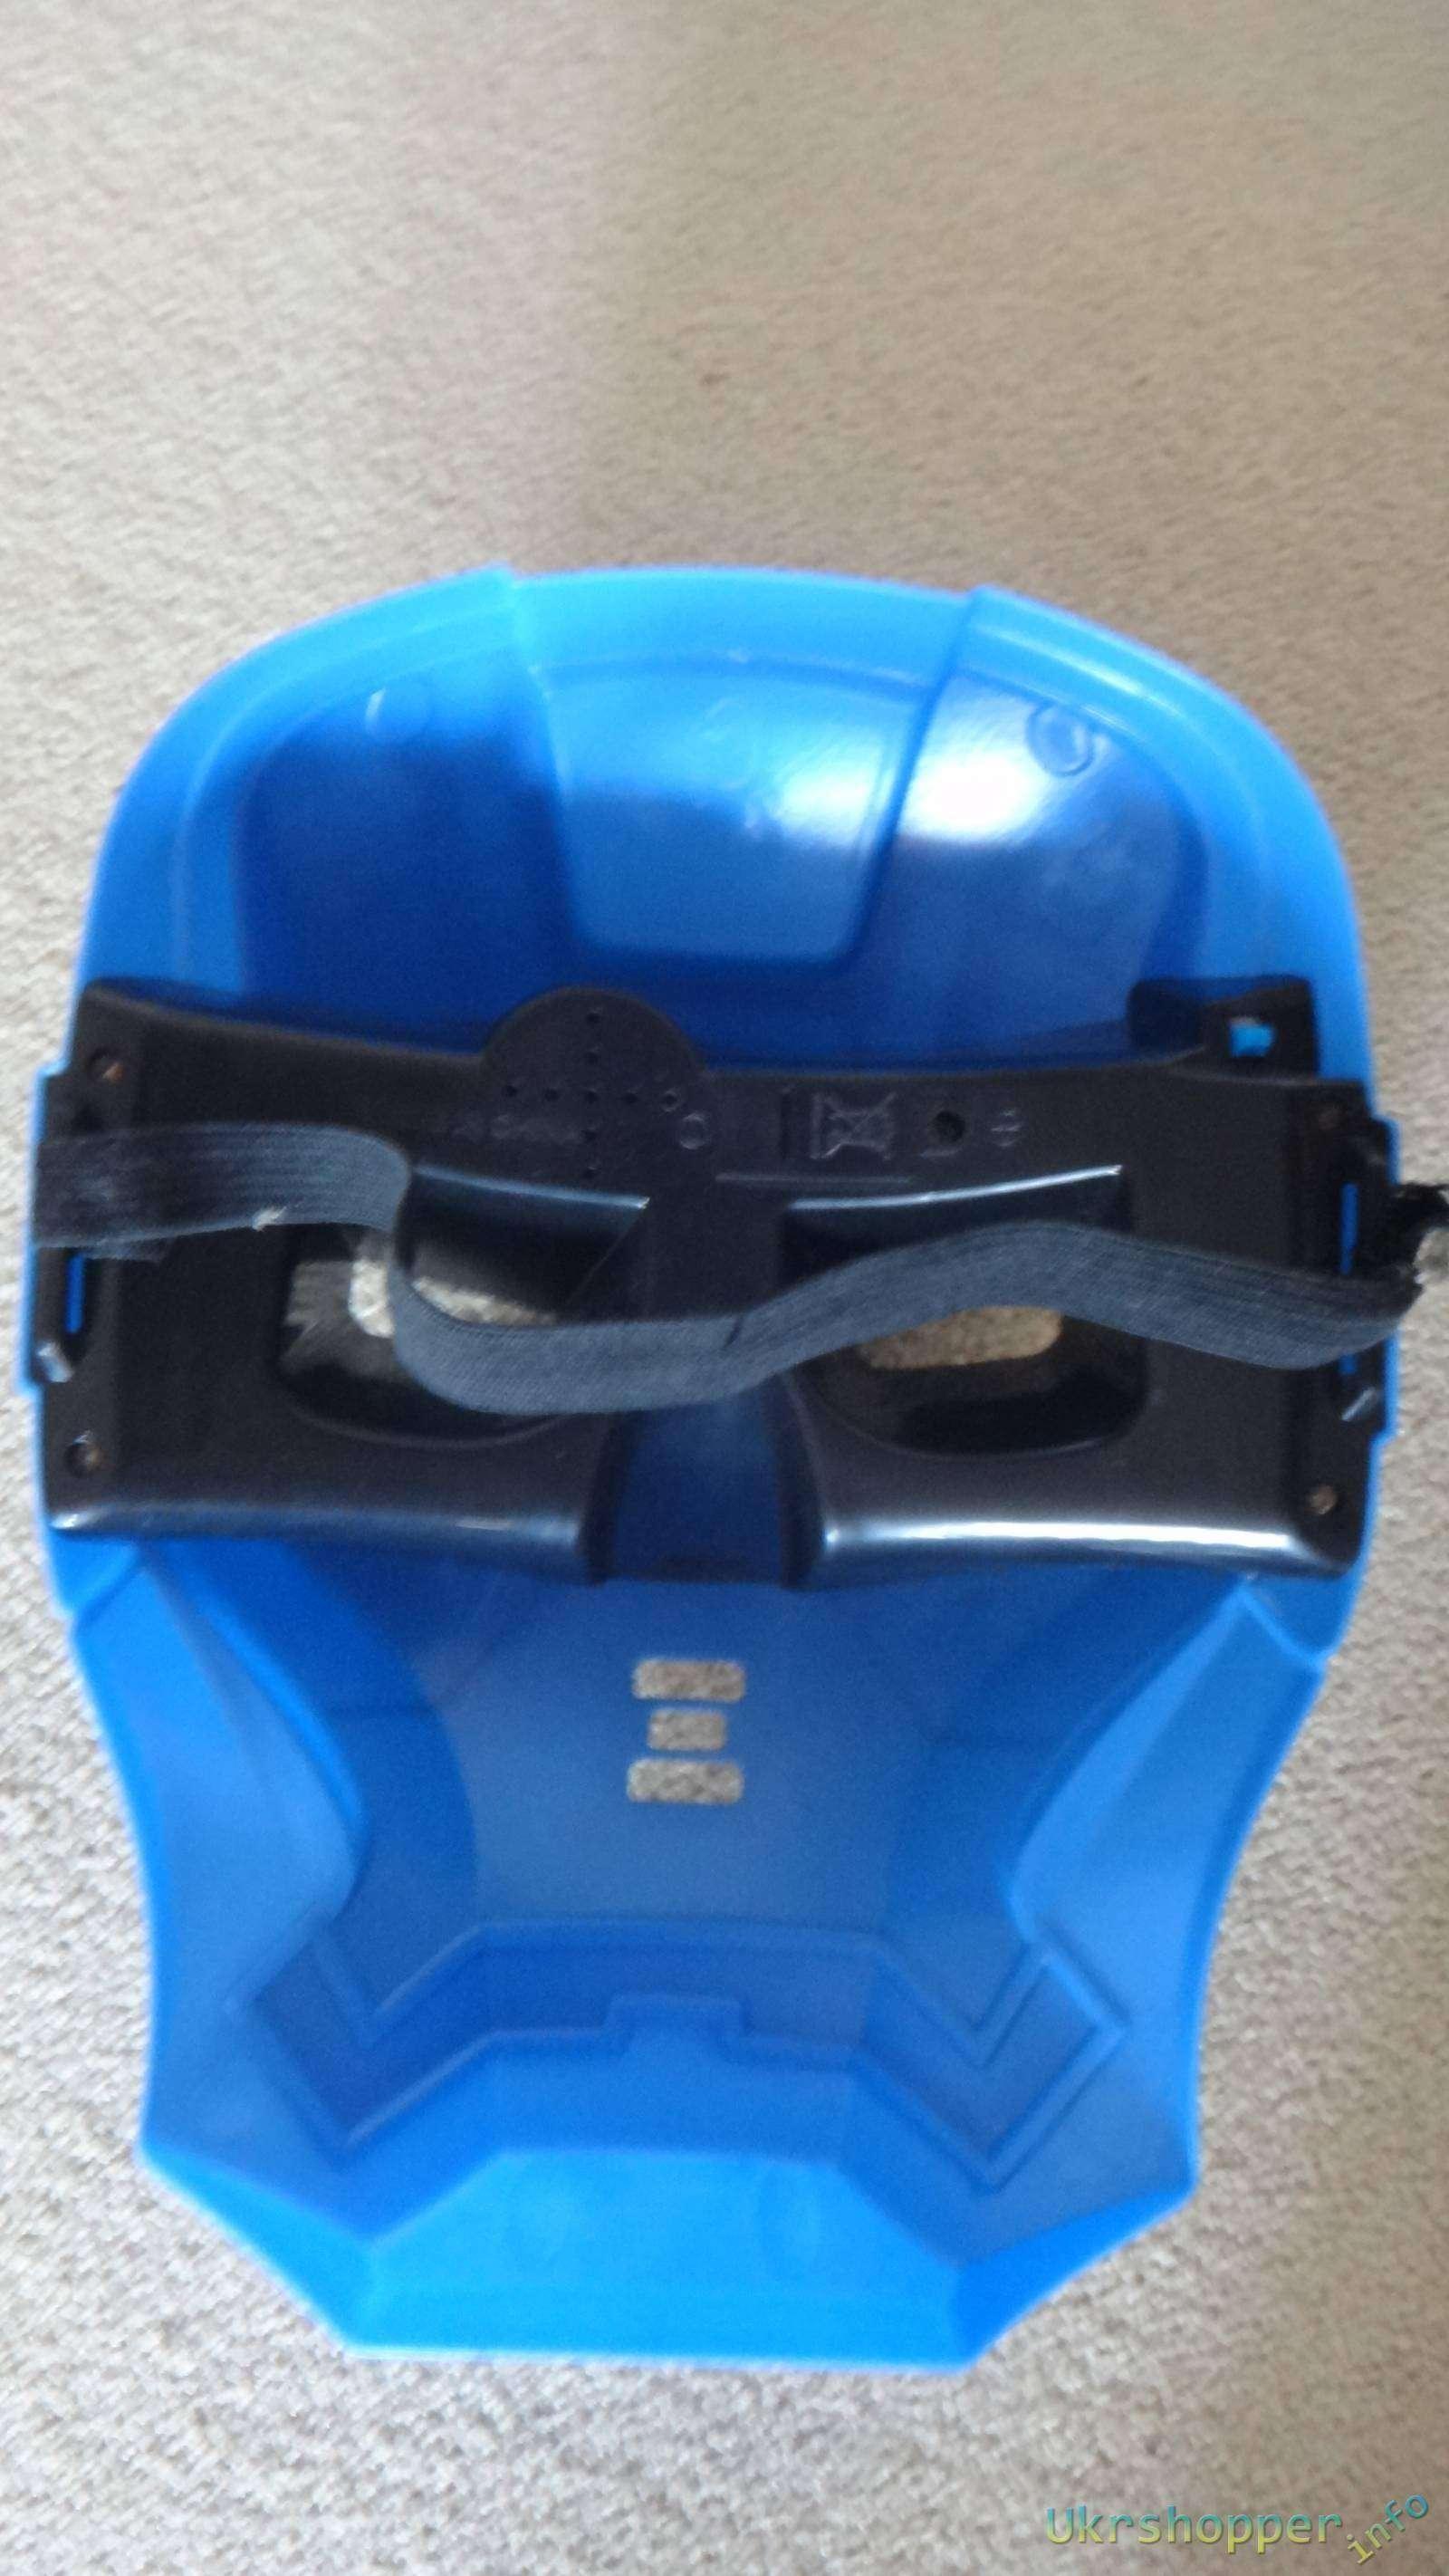 DealExtreme: Обзор детской светящейся маски железного человека